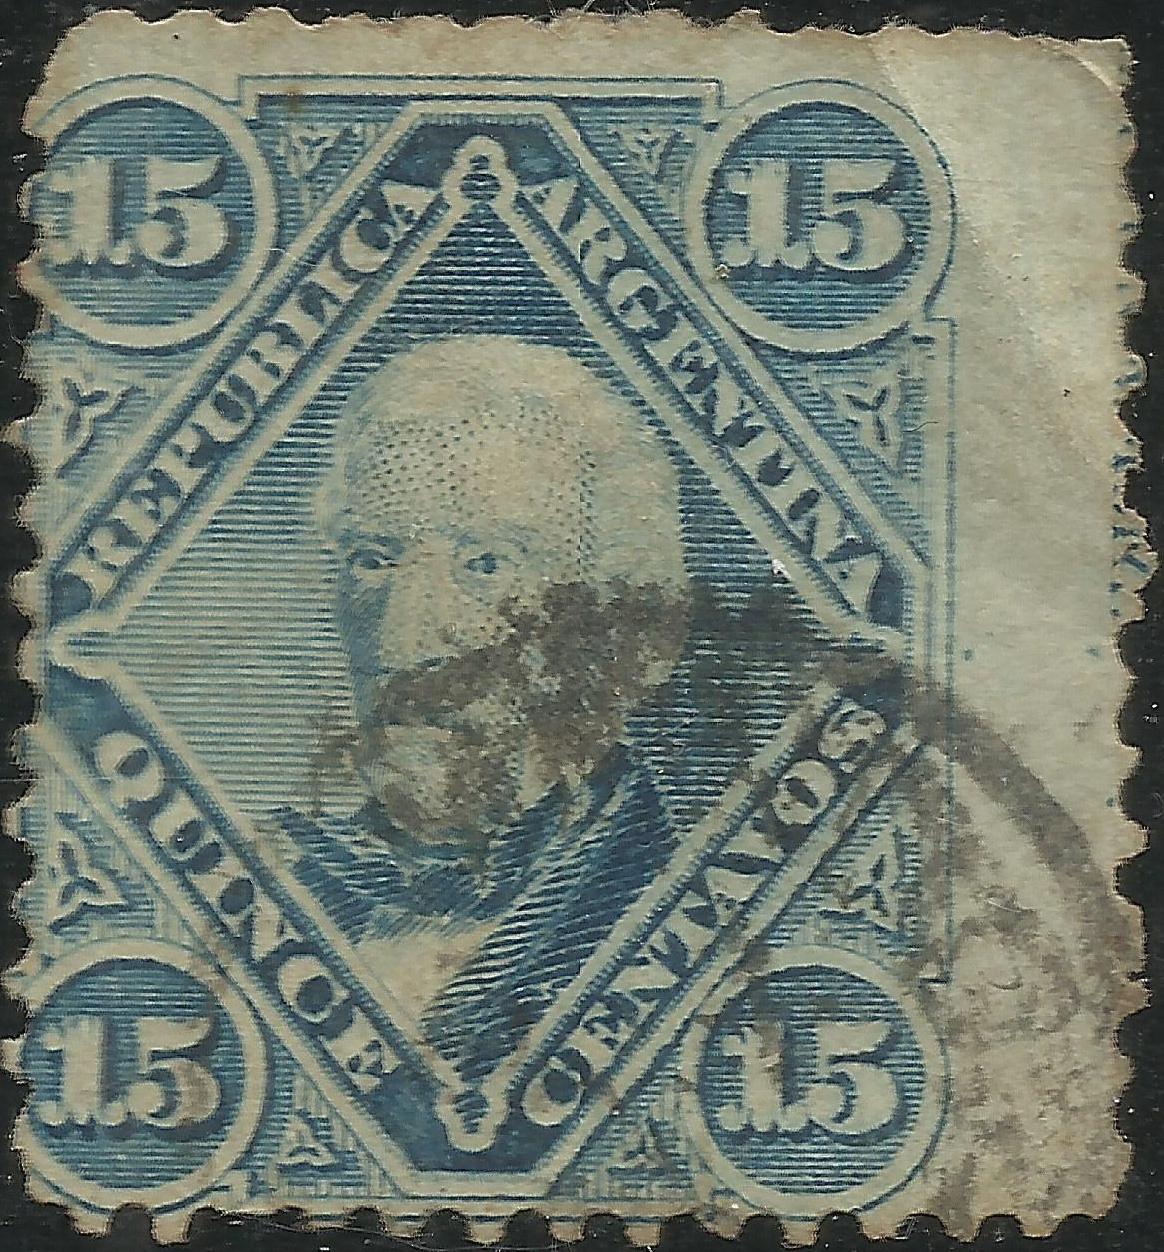 Argentina - Scott #19 (1867)